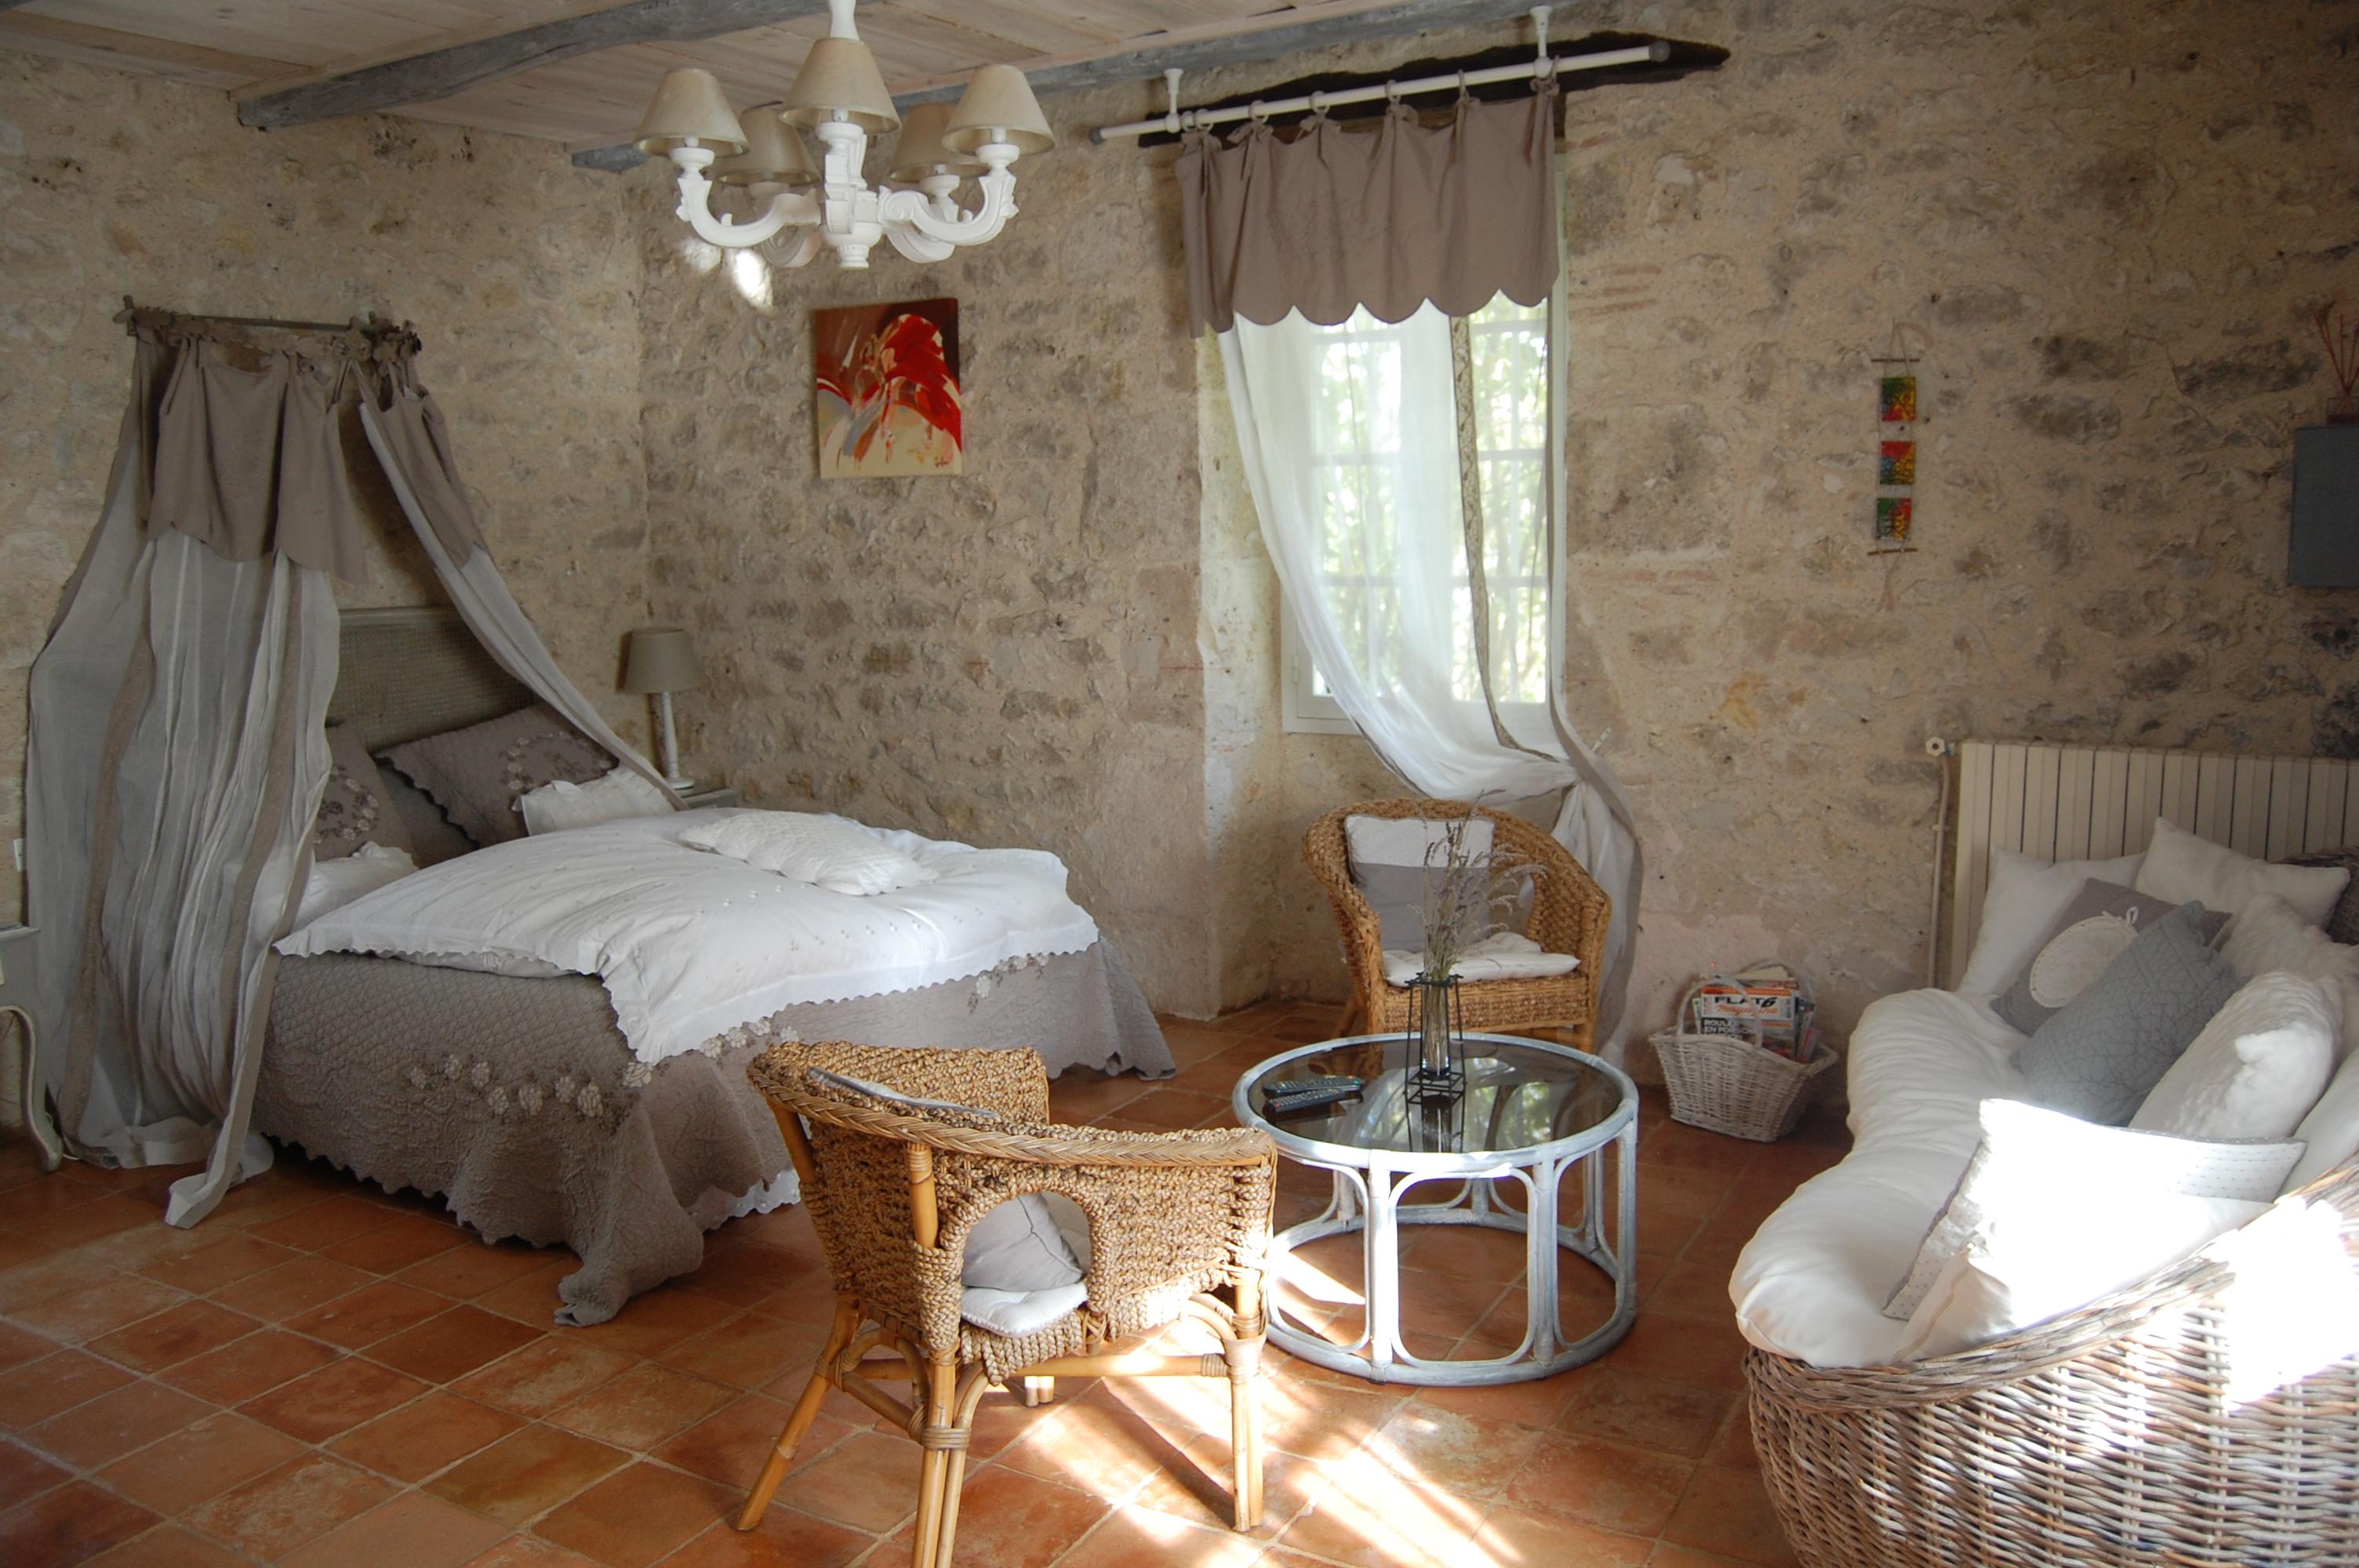 chambre d'hôte romantique